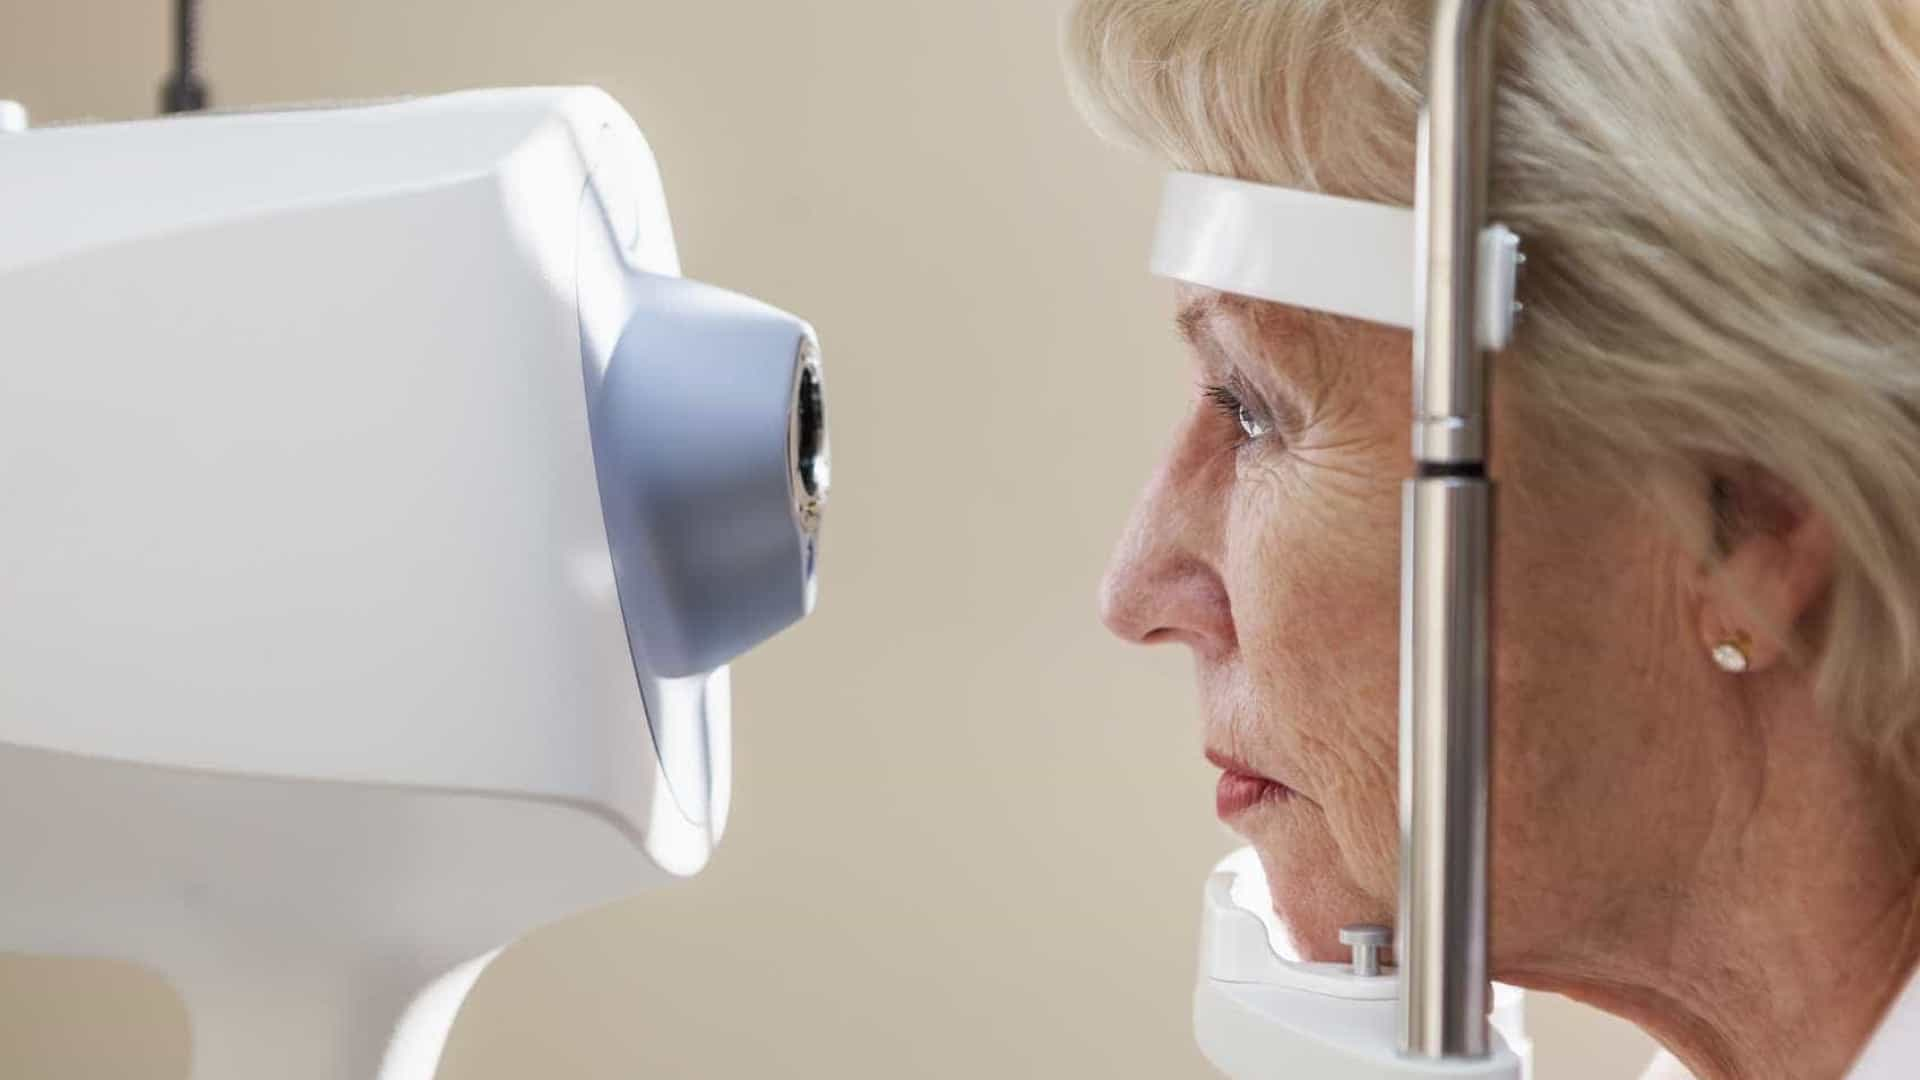 Catarata é responsável 48% dos casos de cegueira, diz pesquisa